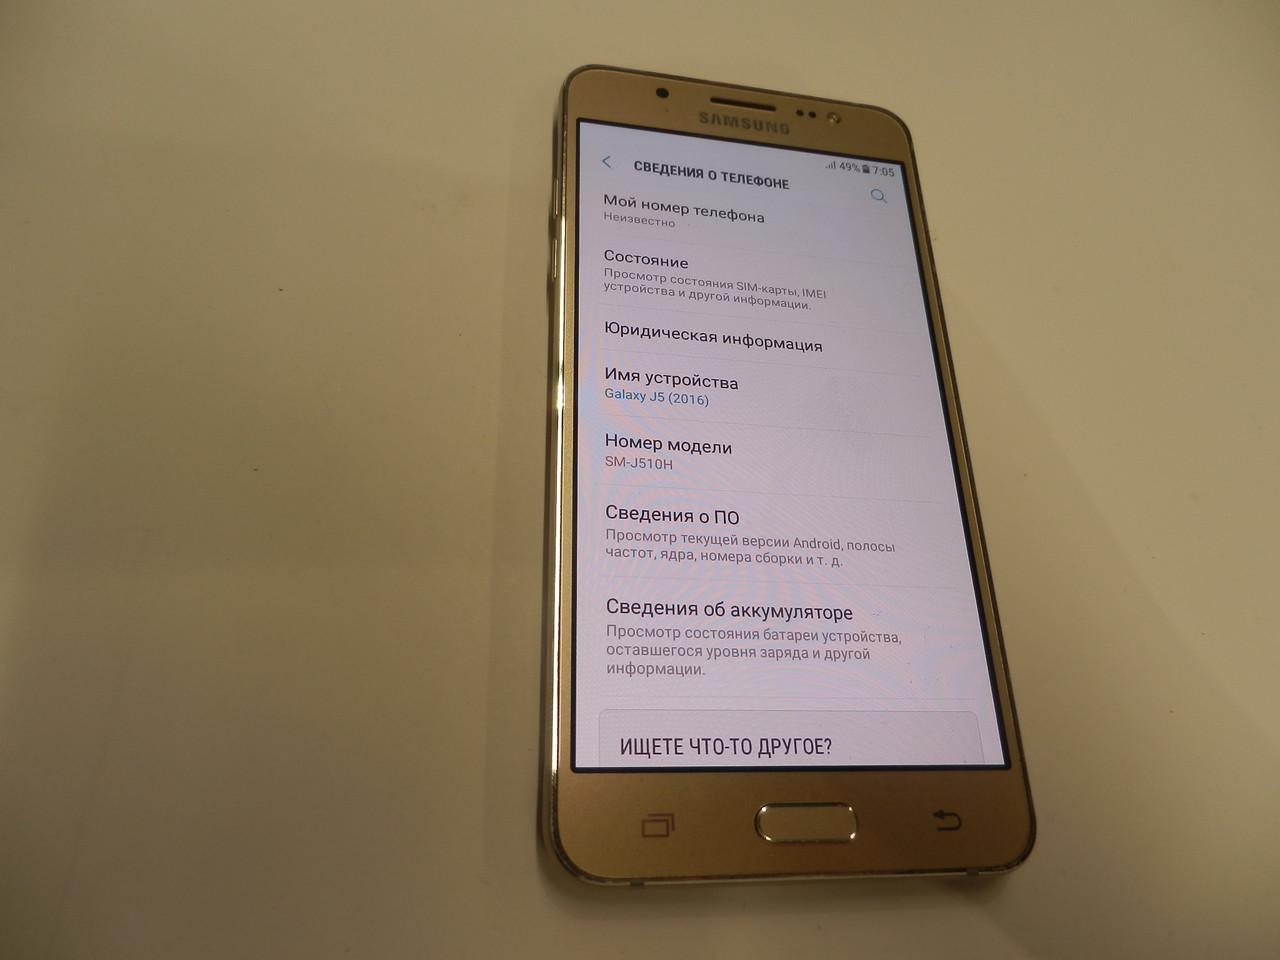 Мобильный телефон Samsung Galaxy J5 2016 Duos SM-J510H 230ВР